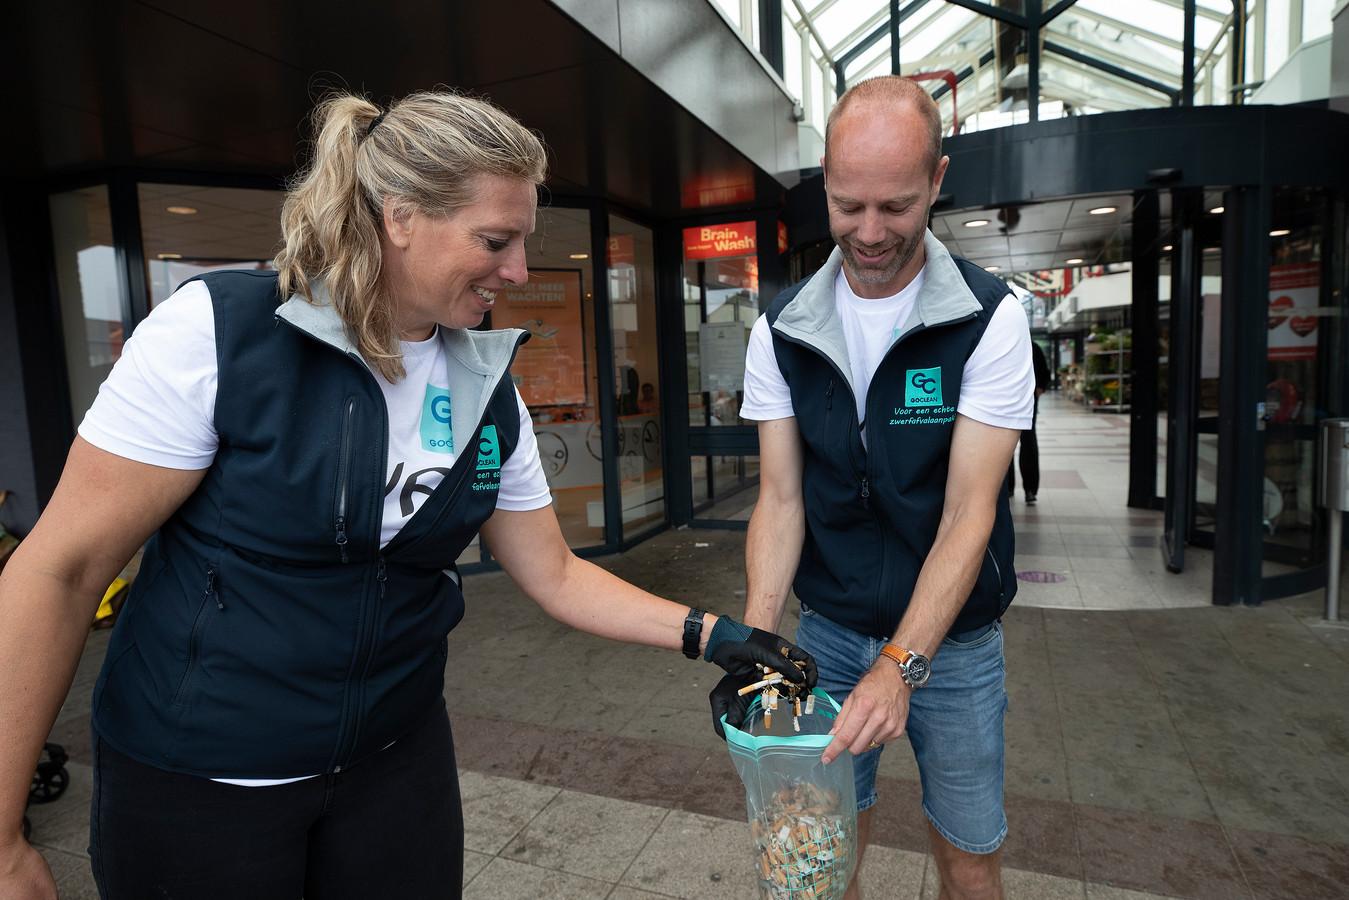 Marloes Heebing en Andries Vuerink van GOClean de Liemers zetten zich samen met andere vrijwilligers in tegen peuken op straat. Op één dag raapten ze 6.500 peuken op.